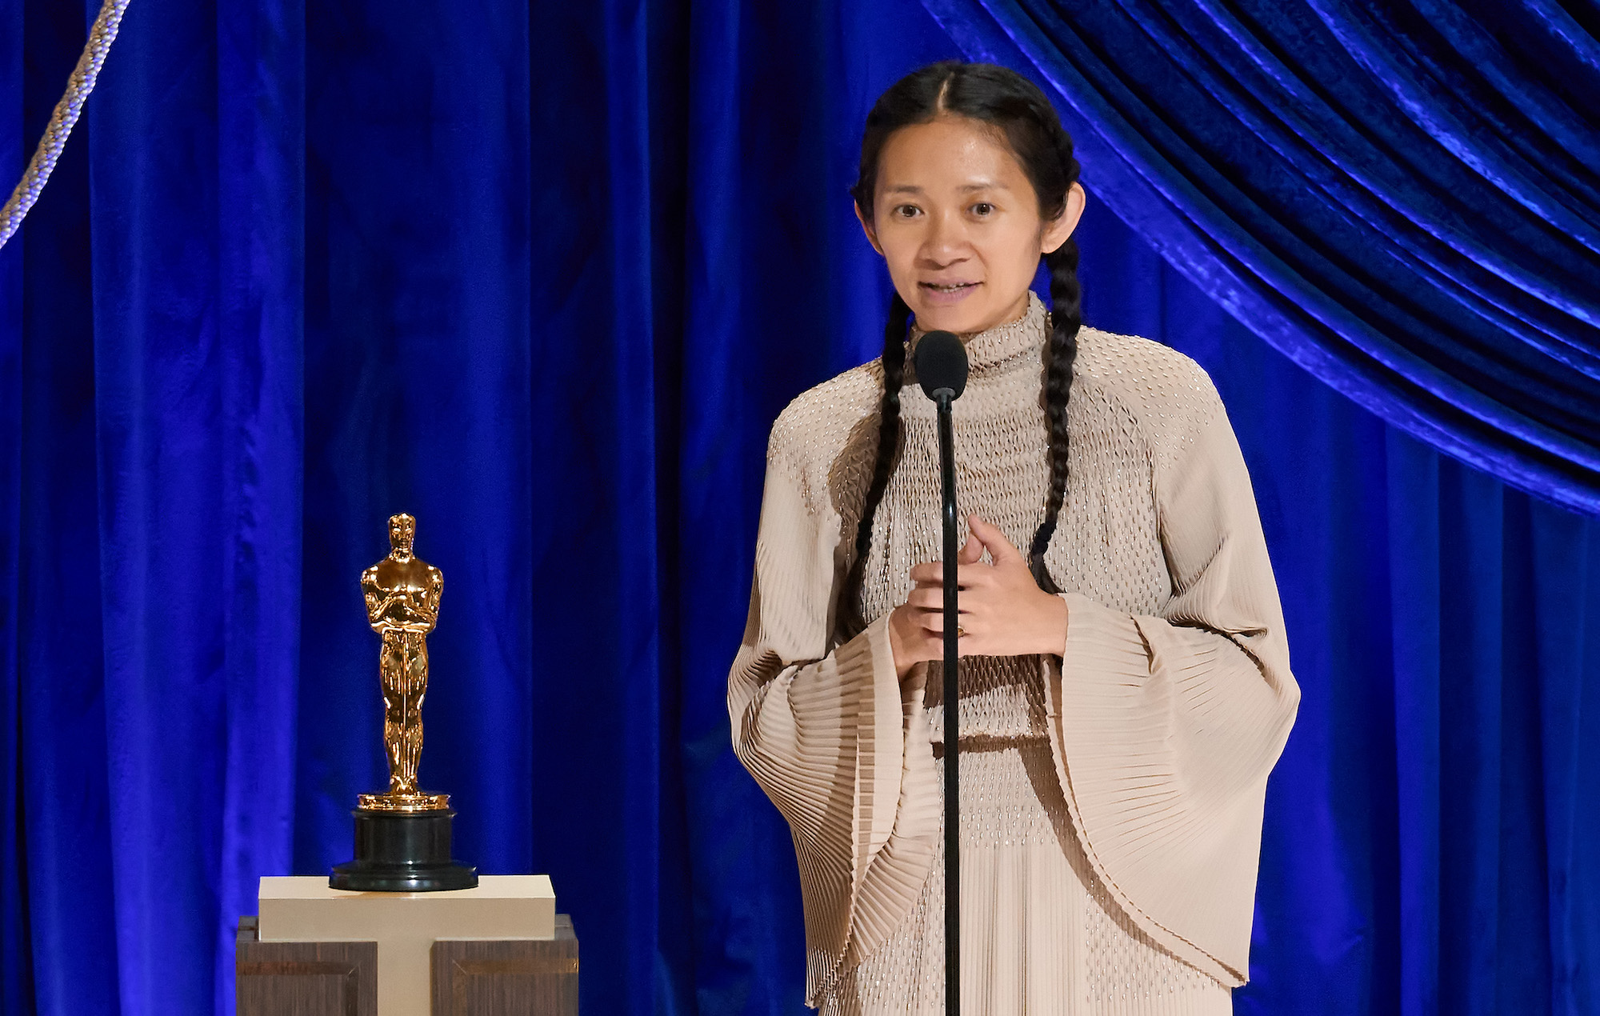 La histórica victoria de Chloé Zhao en los Oscars es censurada en China